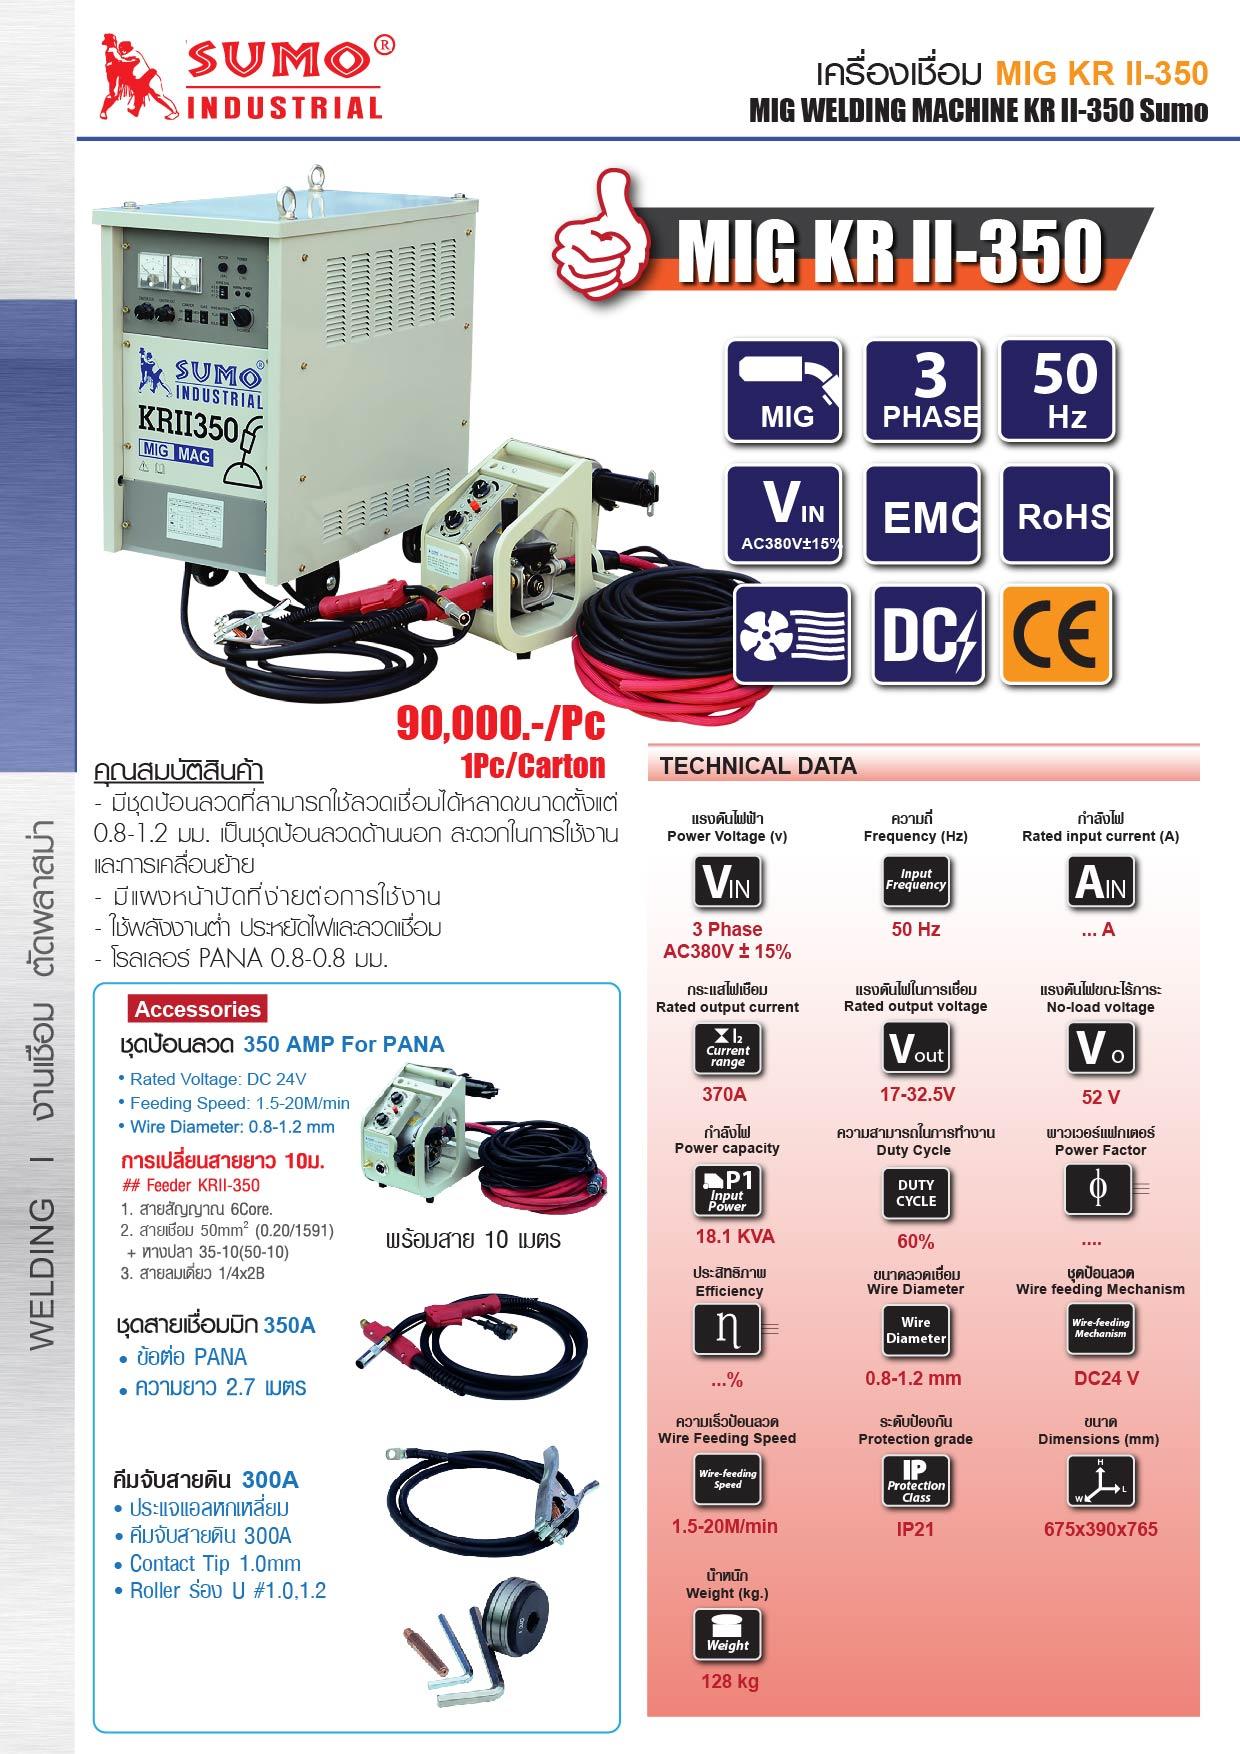 (75/228) MIG KRll-500